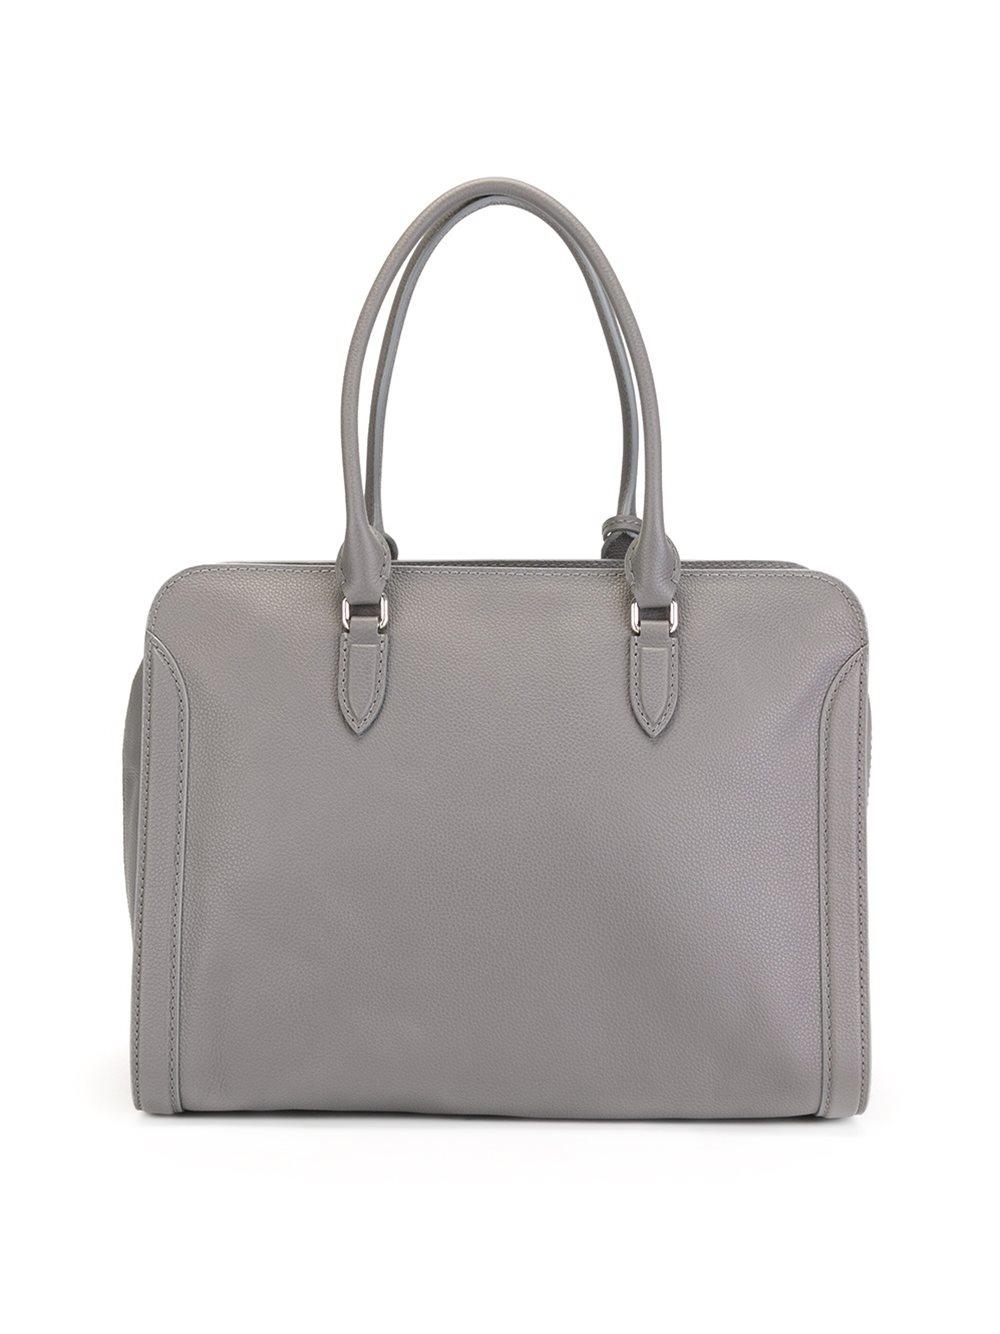 Alexander McQueen Leather 'padlock' Tote in Grey (Grey)